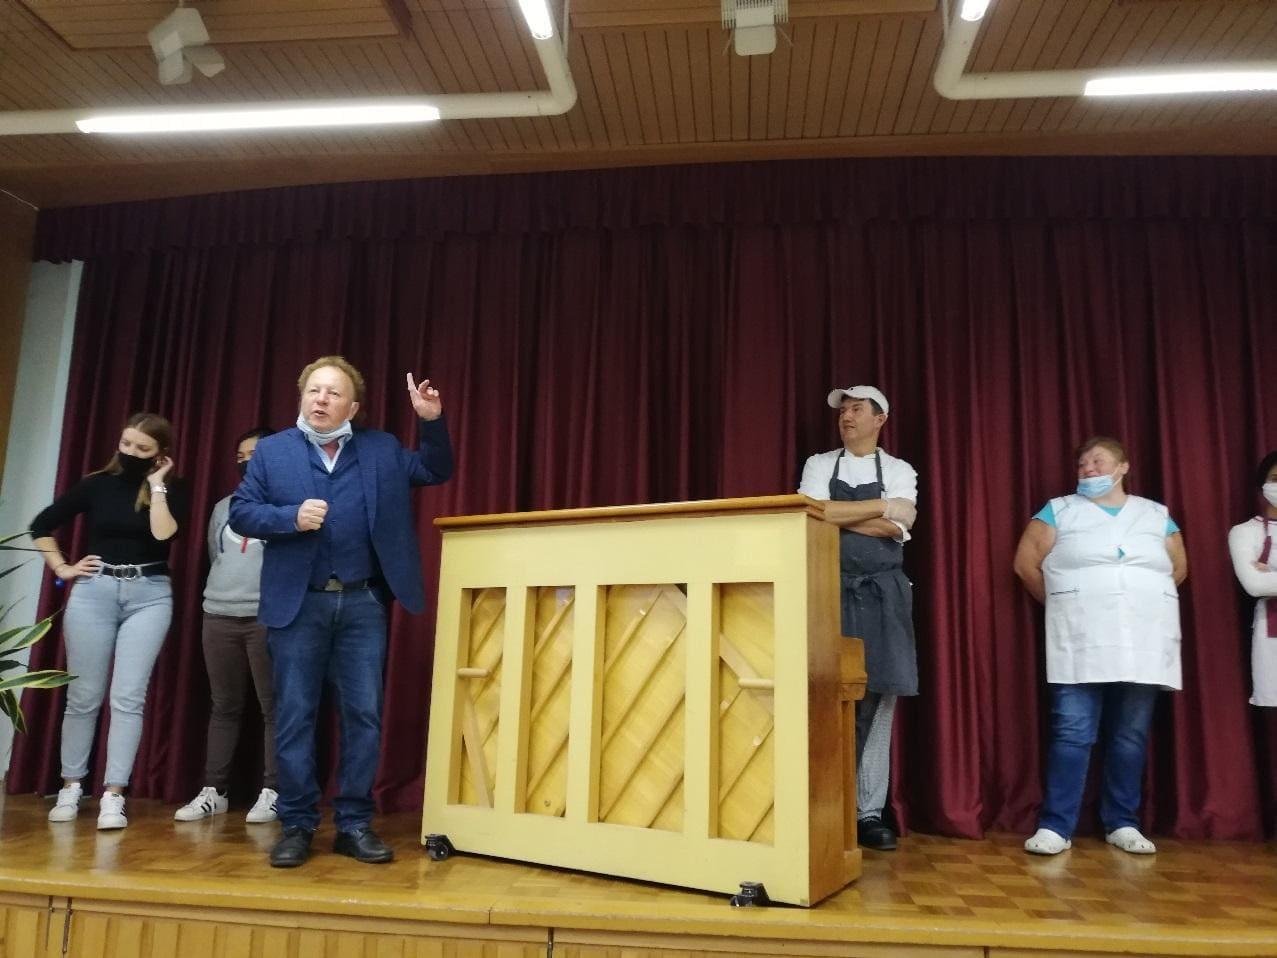 2020-10-07-internationales-buffet-im-rahmen-der-30-interkulturellen-woche-in-reutlingen-5